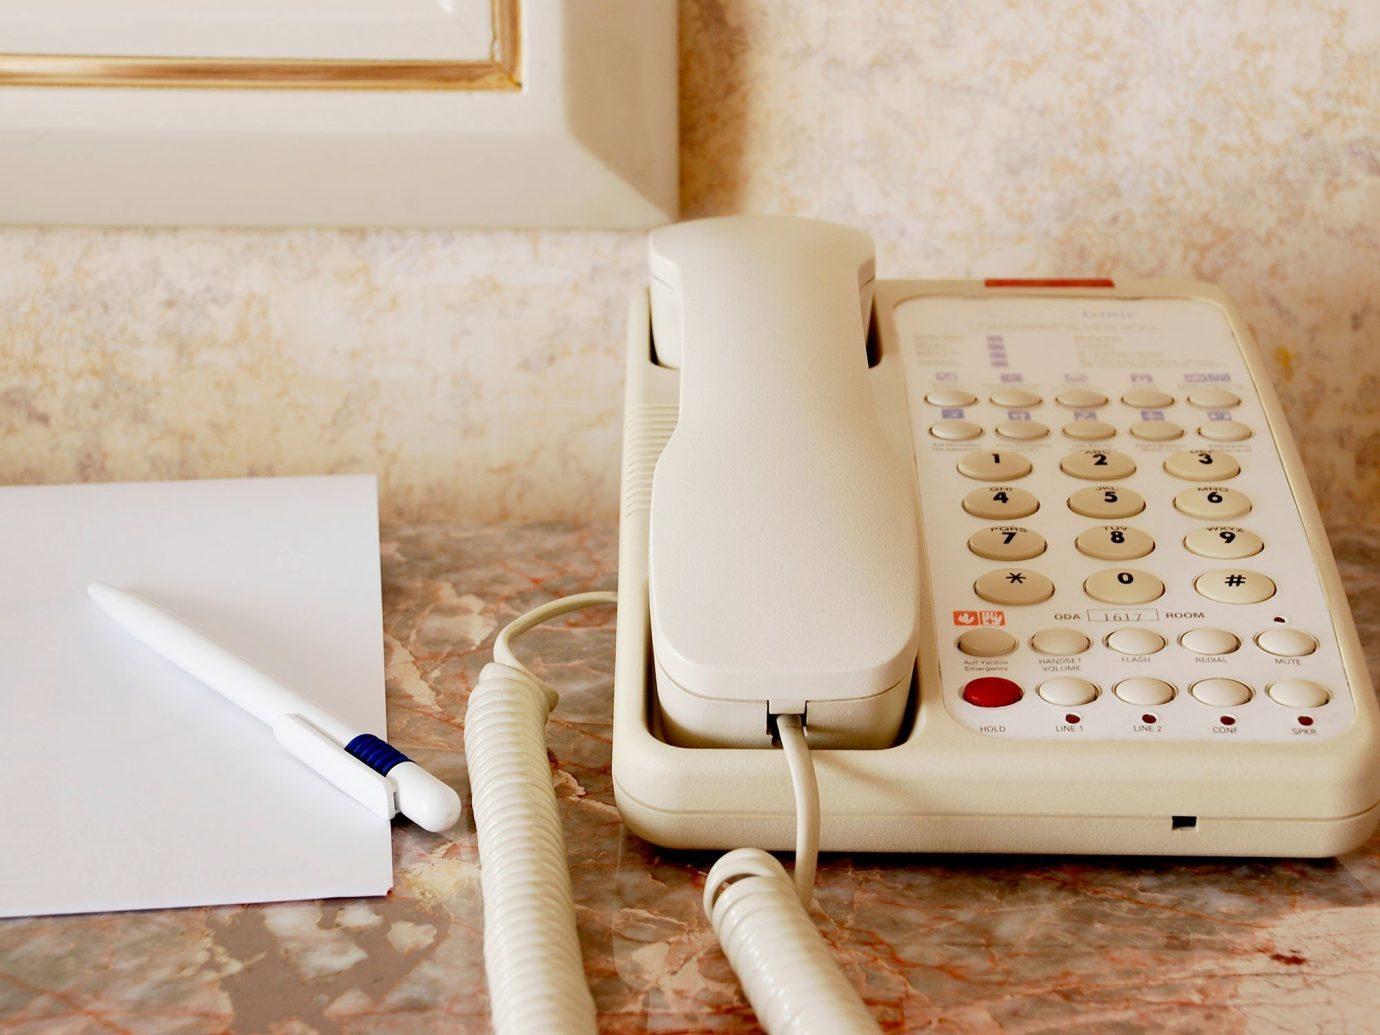 Offbeat white indoor room floor lighting gadget Design flooring mobile phone